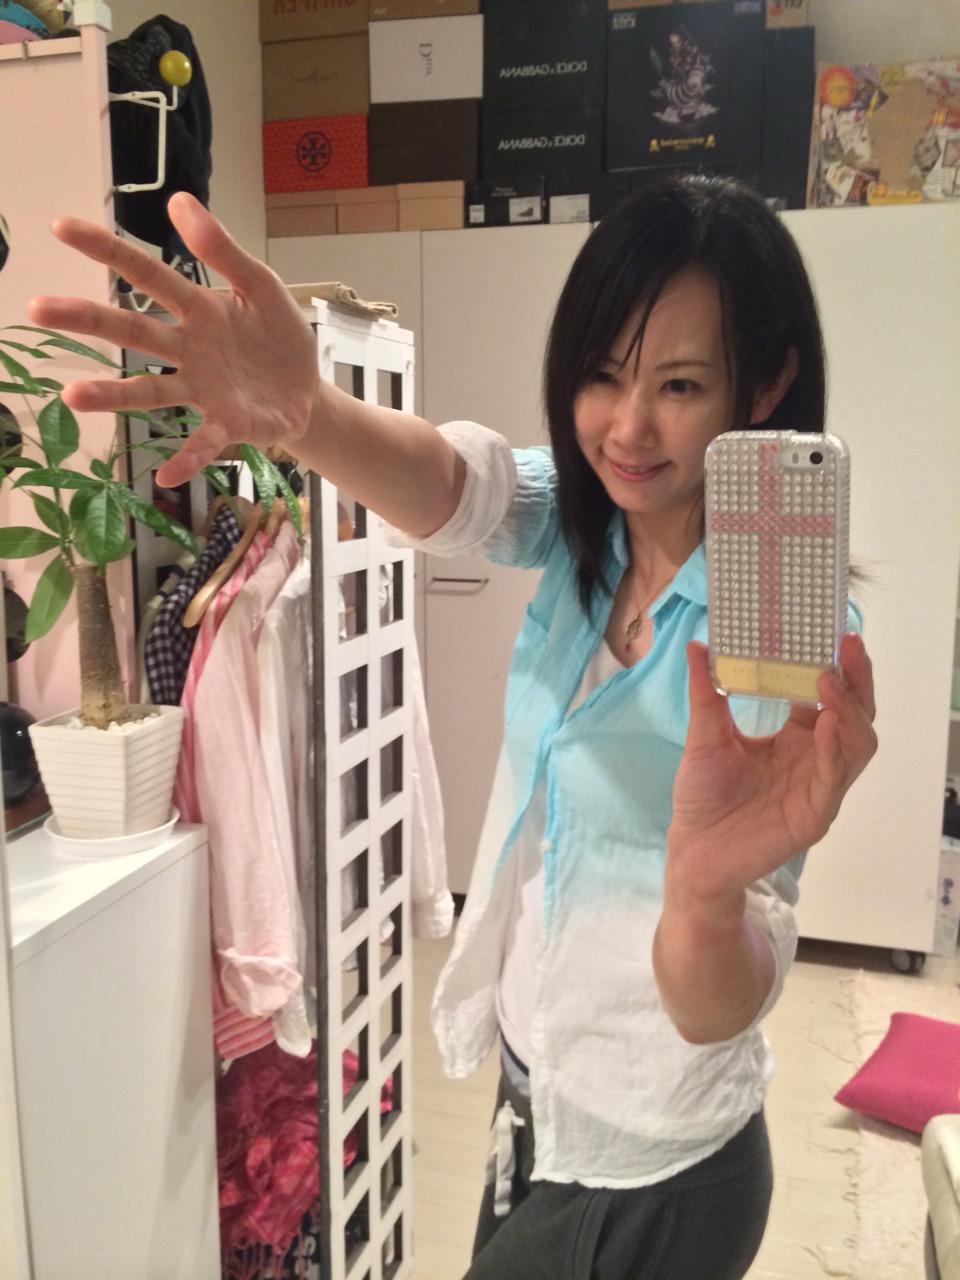 夏のスペシャルチャレンジマッチ in 牛久!_d0156990_23414396.jpg